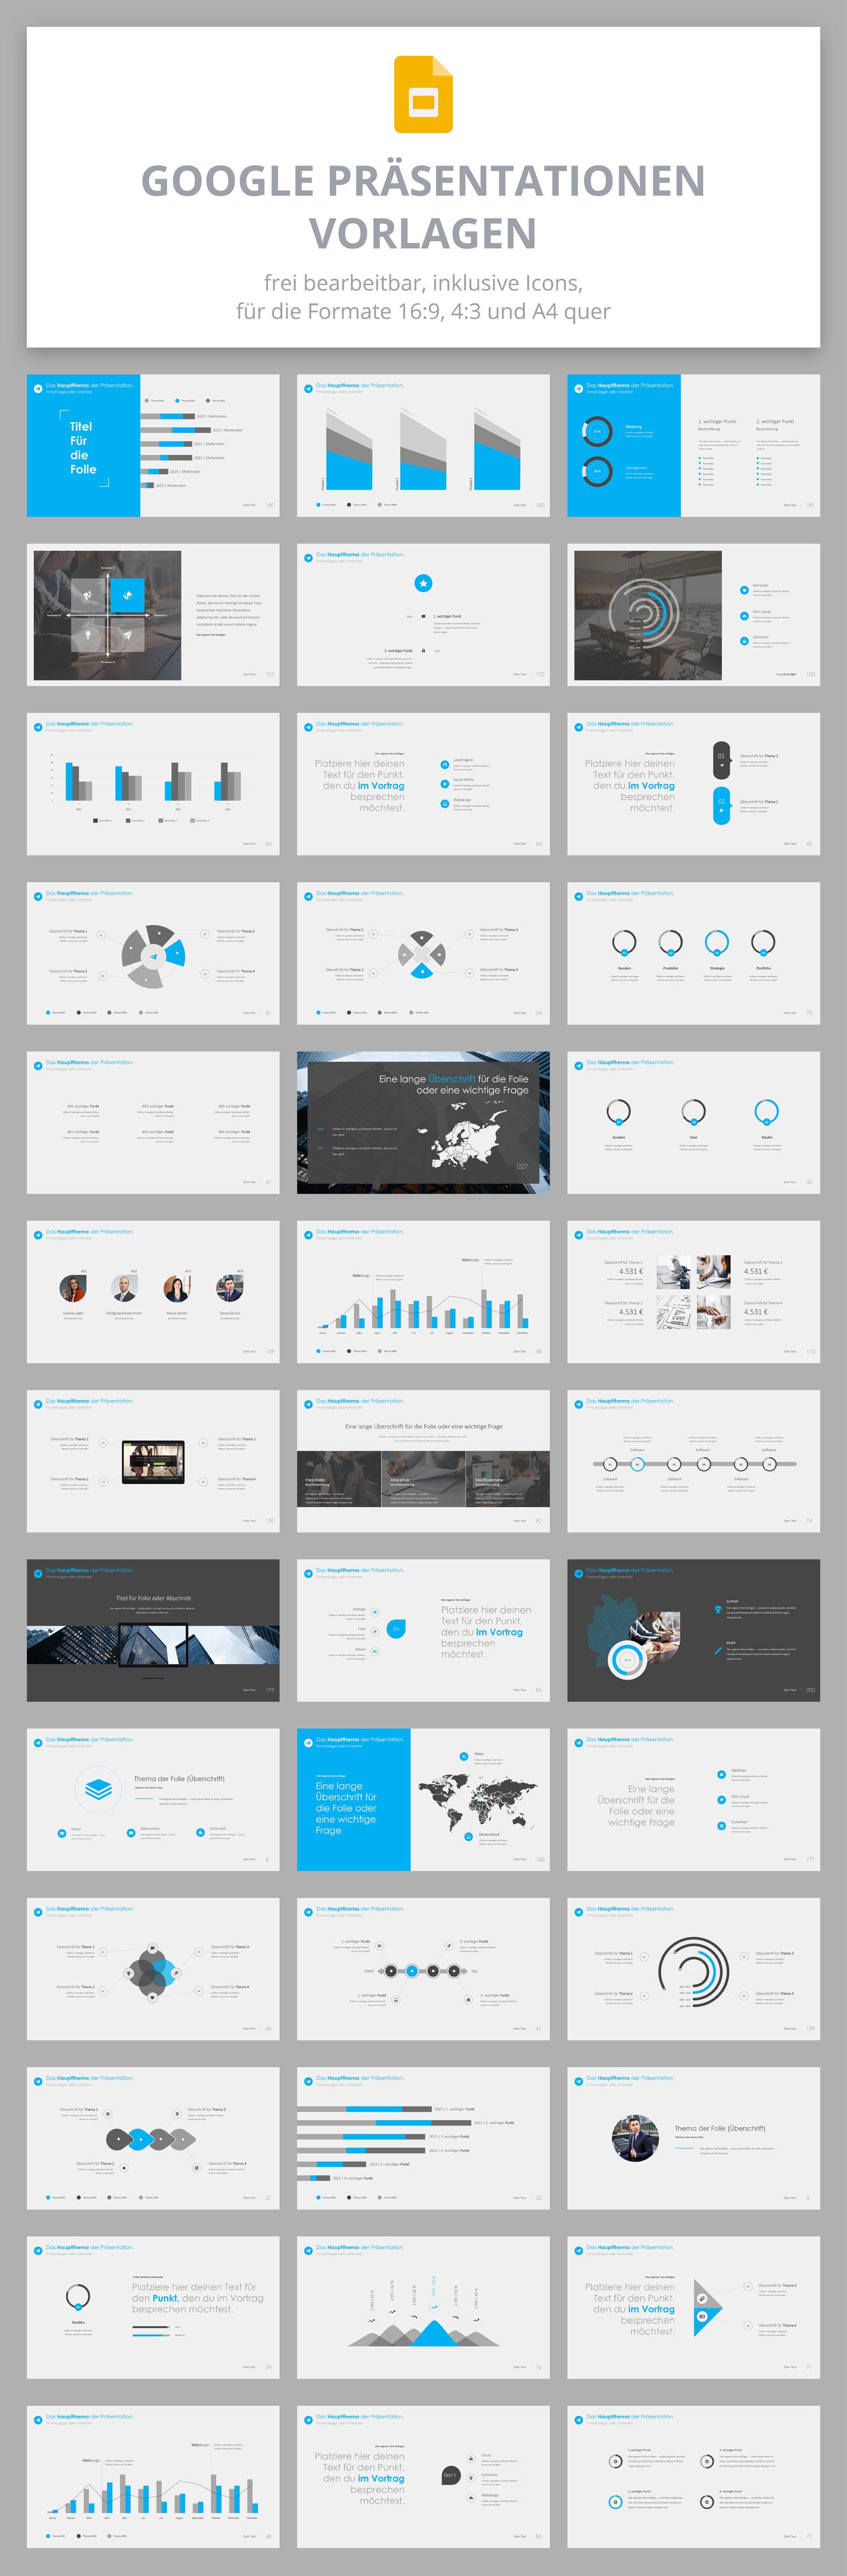 Präsentationsfolien im 360Grad-Design für Google Slides: verschiedene Vorlagen im Überblick